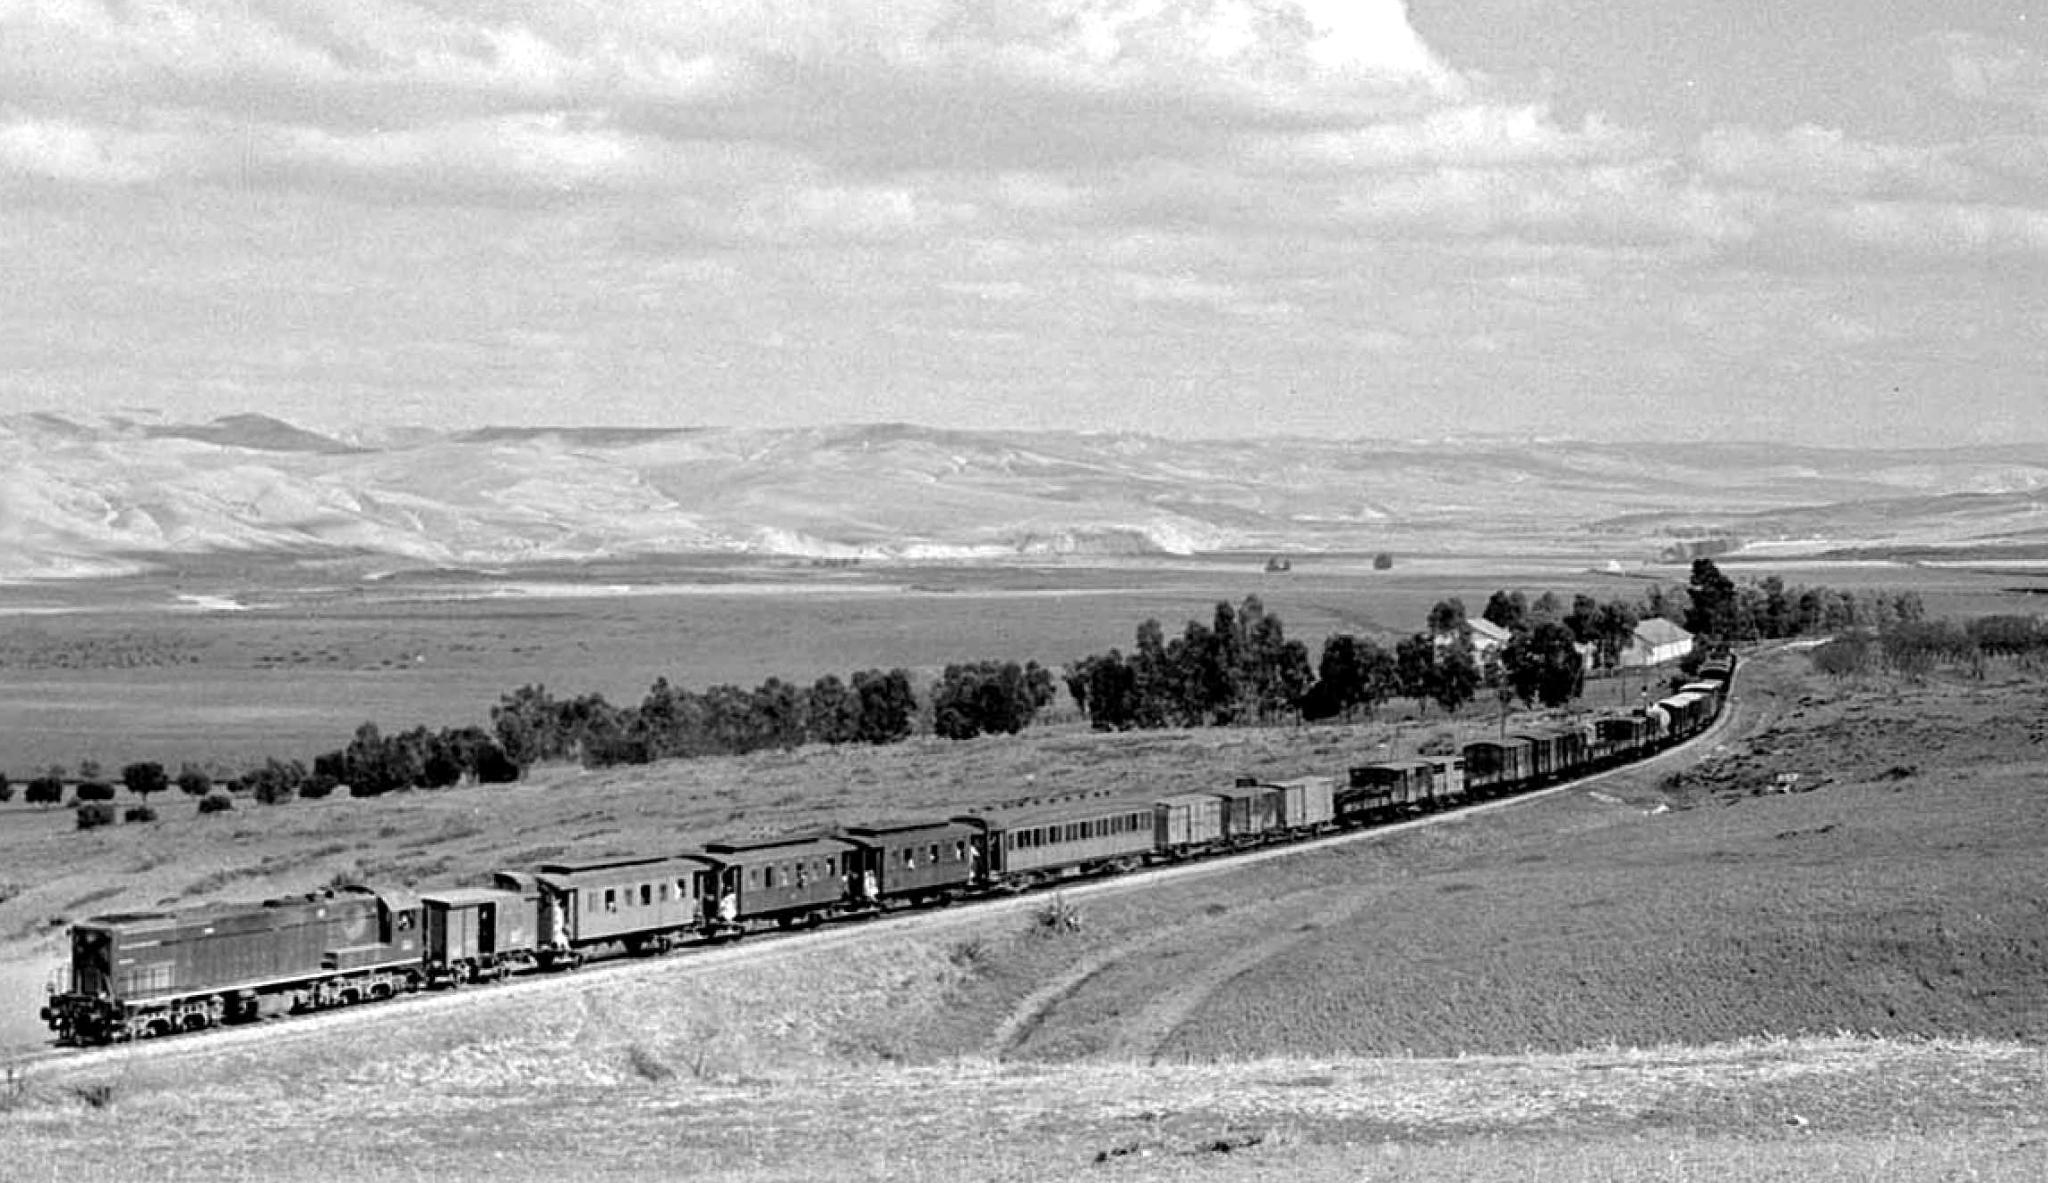 Chemins de Fer au Maroc - ONCF  - Page 4 49758403952_45c8a7ca65_o_d